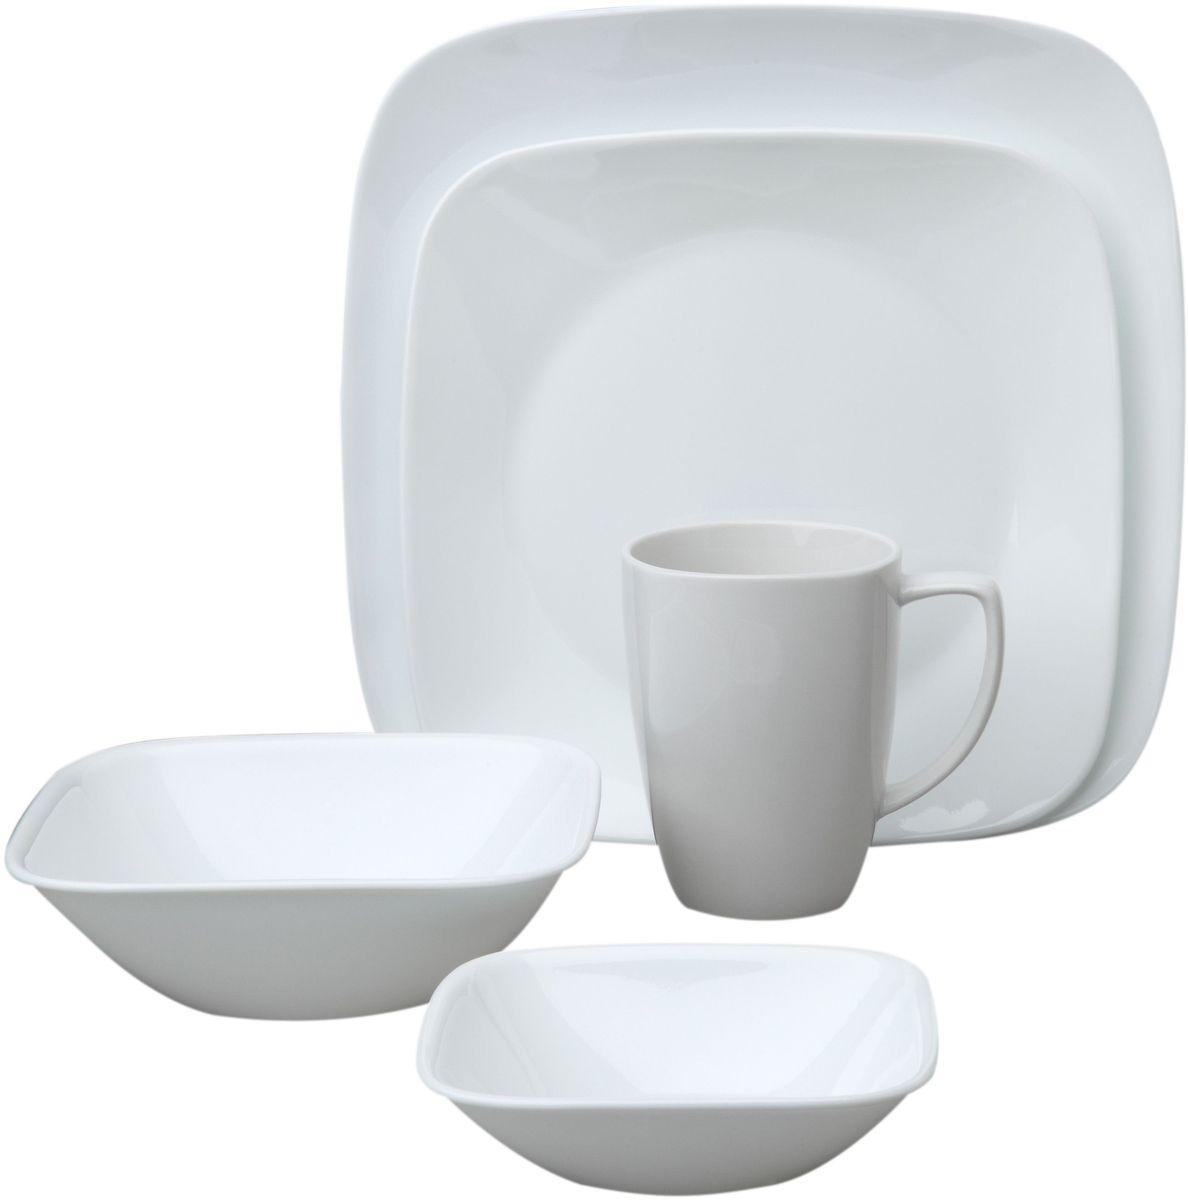 Набор столовой посуды Corelle Pure White, 16 предметов. 1069958115510Посуда Corelle мирового бренда WorldKitchen сделана из материала Vitrelle. Стекло Vitrelle является экологически чистым материалом без посторонних добавок. Идеальный белый цвет посуды достигается путем сверхвысокой термической обработки компонентов. Vitrelle сверхпрочный материал, используемый для столовой посуды, изобретенный в начале 1970х в Соединенных Штатах Америки. Материал сделан из трех слоев стекла спеченных вместе. Посуда Vitrelle тонка и легка при том, что является более ударопрочной по сравнению с обычной столовой посудой. Соль, полевой шпат, известняк, и 2 других вида соли попадают в печь, где при 1400 градусов Цельсия превращаются в жидкое стекло. Стекло заливается в молды, где соединяются 3 слоя в один. Края посуды обрабатываются огненной полировкой. Проходя через дополнительную обработку, три слоя приобретают сверхпрочность. Путем шелкографии на днище наносится бренд, а так же дополнительная информация. Узор на посуде так же наносится путем шелкографии. Готовая посуда подвергается воздействию 800 градусов для закрепления узора. В конце посуда обрабатывается спреем на основе силикона для исключения царапин при транспортировке.